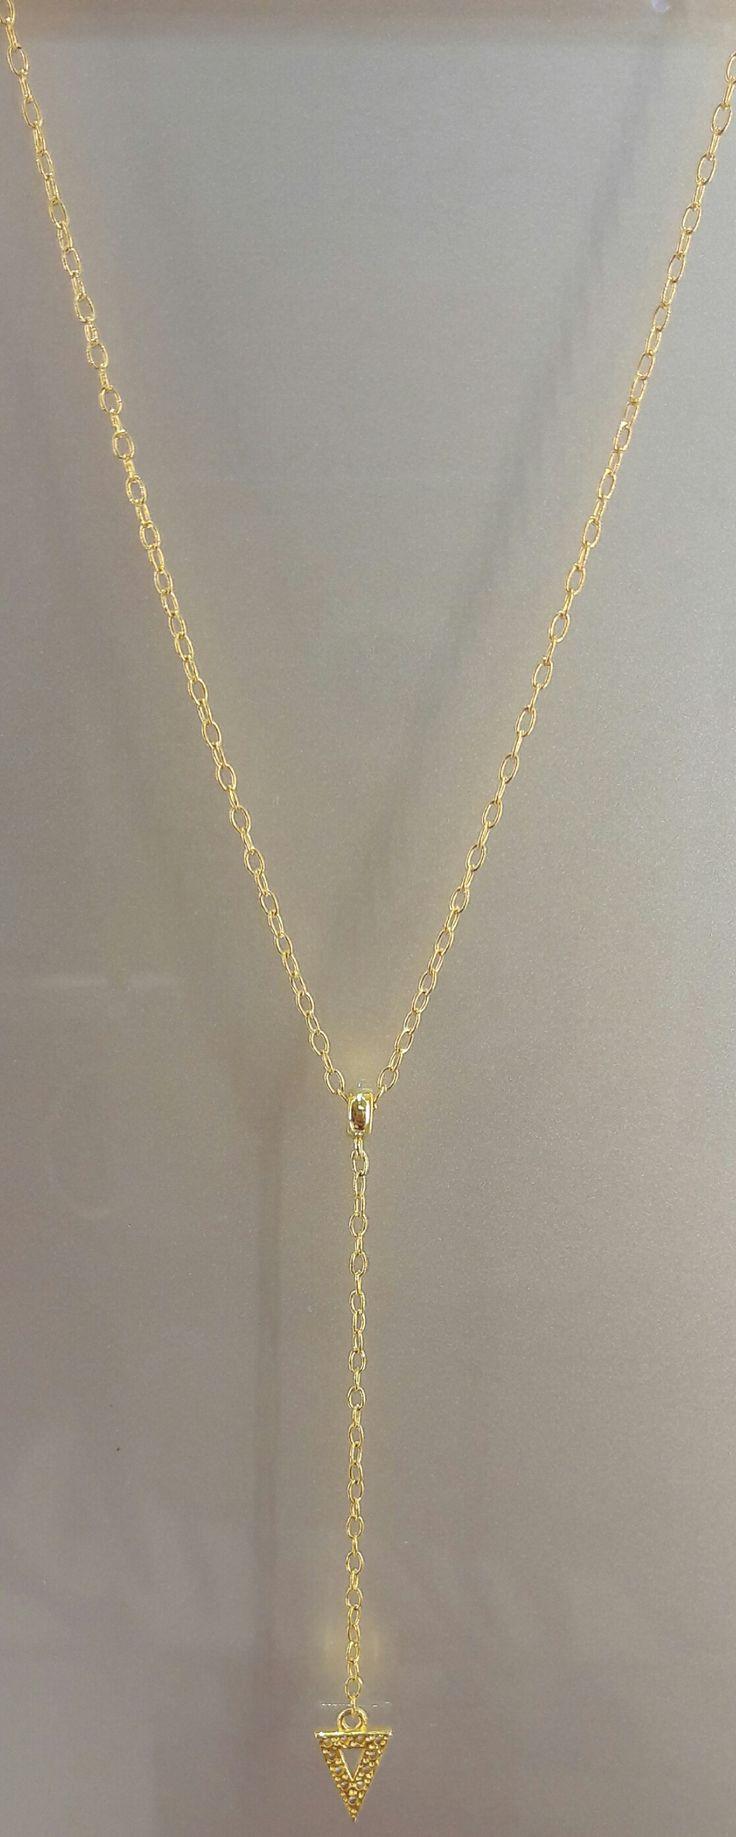 Espléndido colgante de Plata bañada en Oro 18K con motivo de triángulo invertido. #joyeria #colgante #jewelry #plata #bañodeoro #beautiful